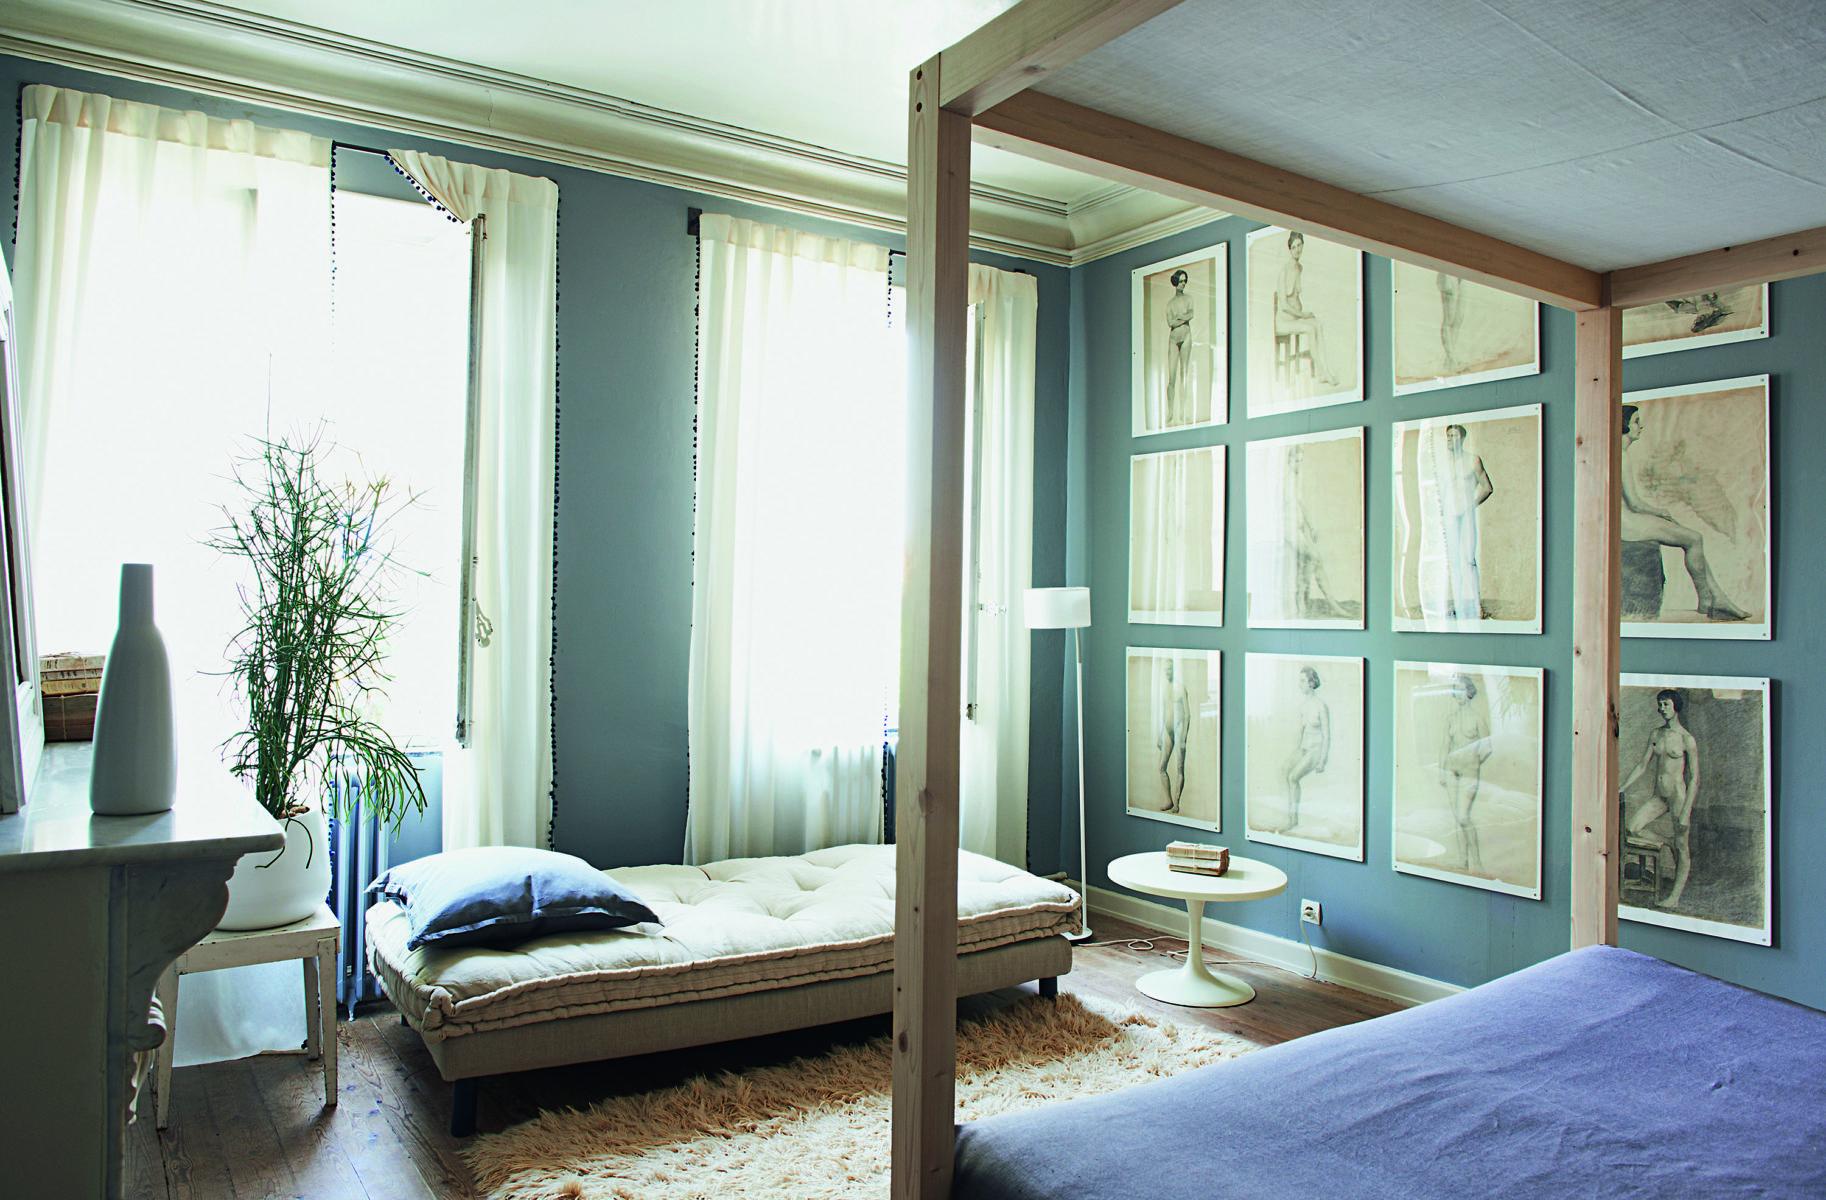 Das Perfekte Schlafzimmer   Schlafzimmer richtig planen ...